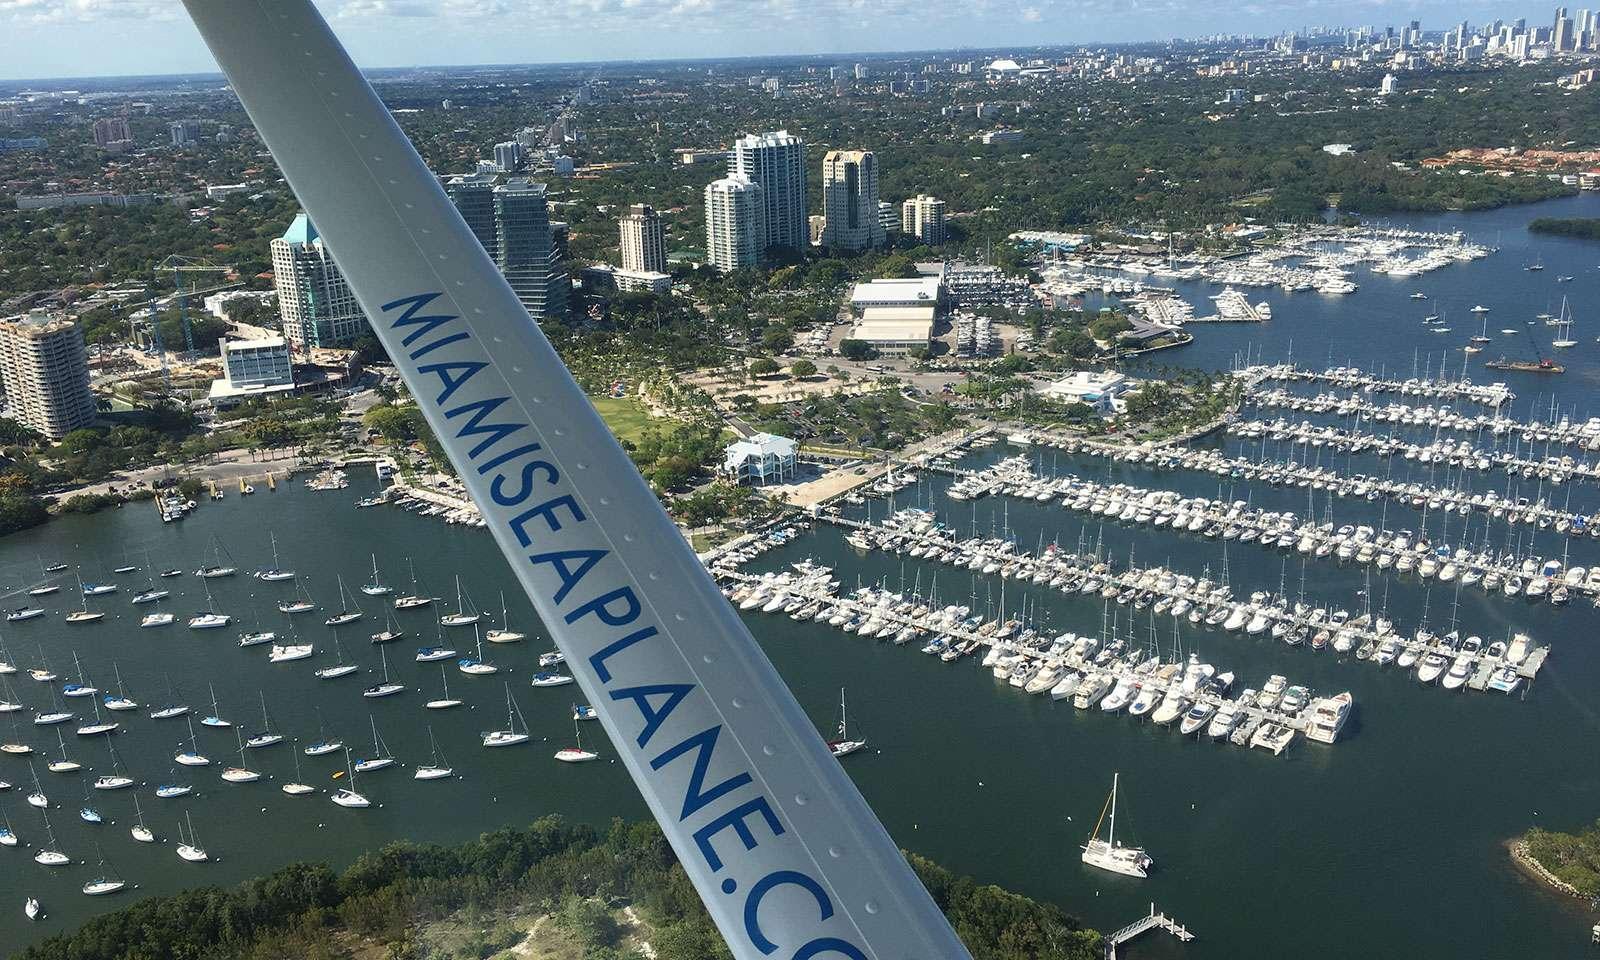 Miami desde el aire: tour en avioneta sobre miami